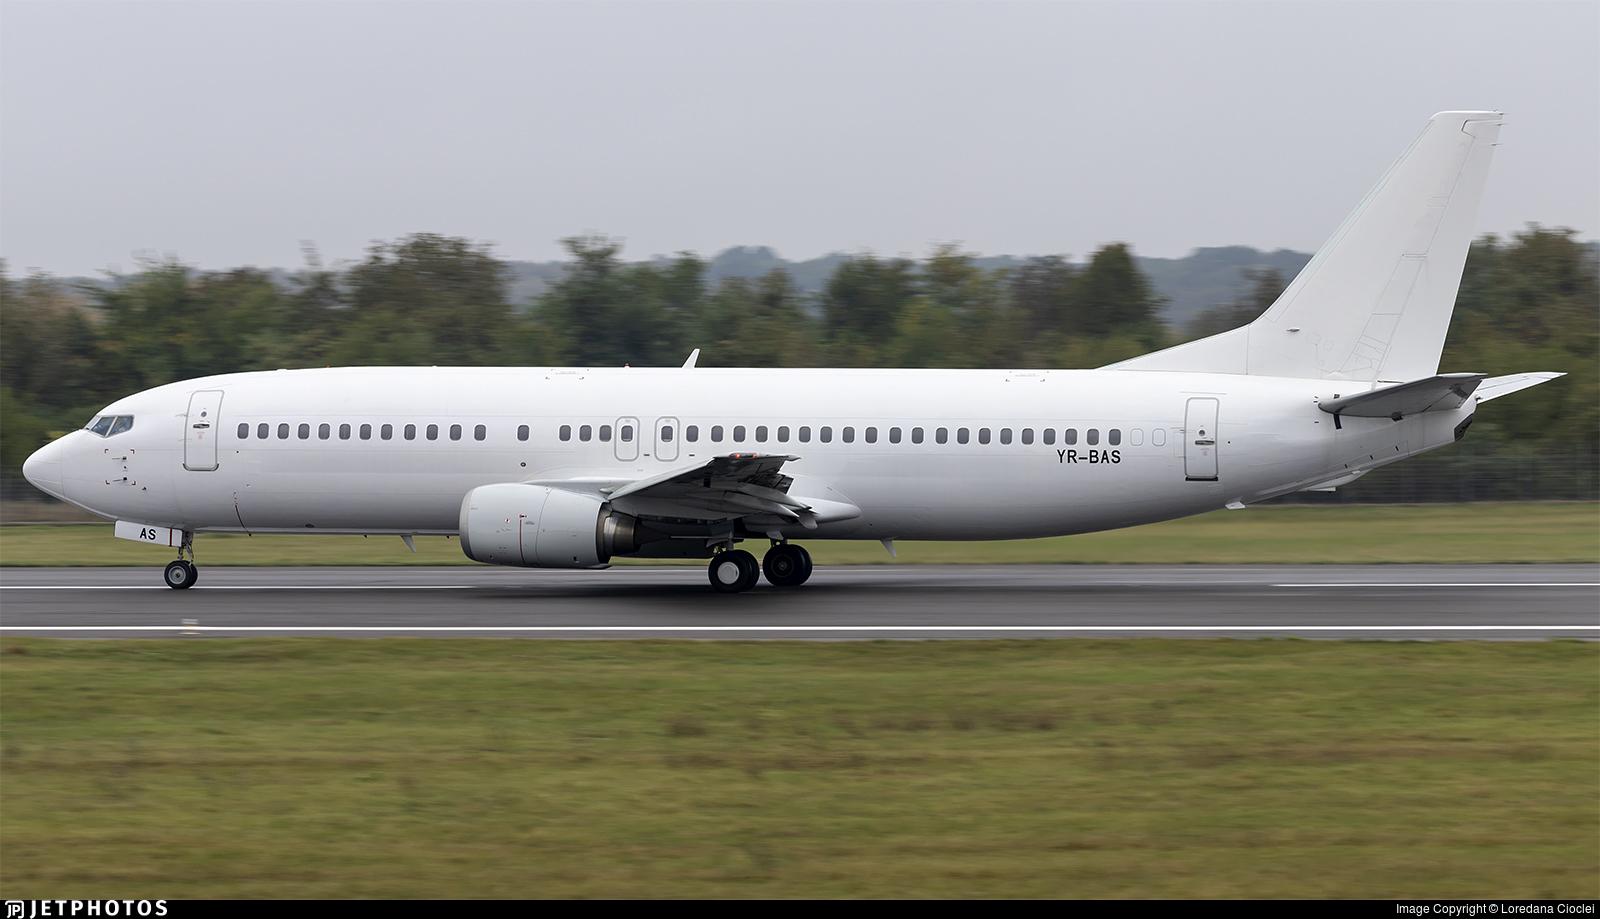 YR-BAS - Boeing 737-430 - Untitled